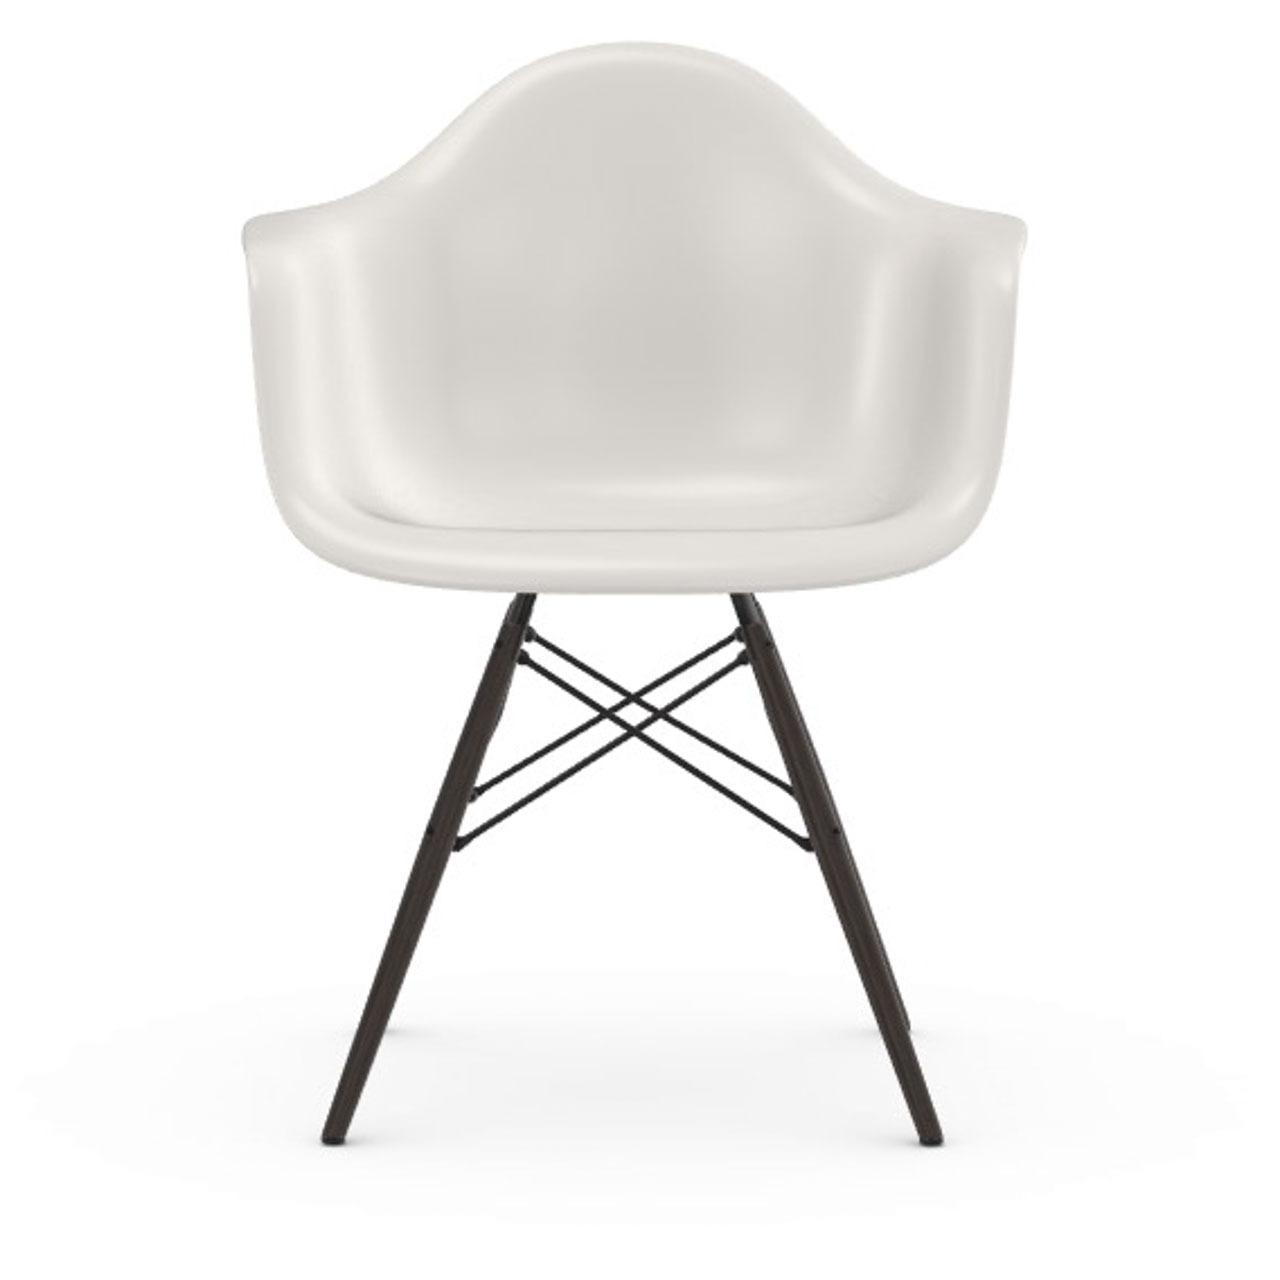 Vitra Eames Plastic Armchair DAW ohne Polster  Holzuntergestell Ahorn schwarz / 30,  Weiss / 04,  Schwarzer Gleiter für Hartböden